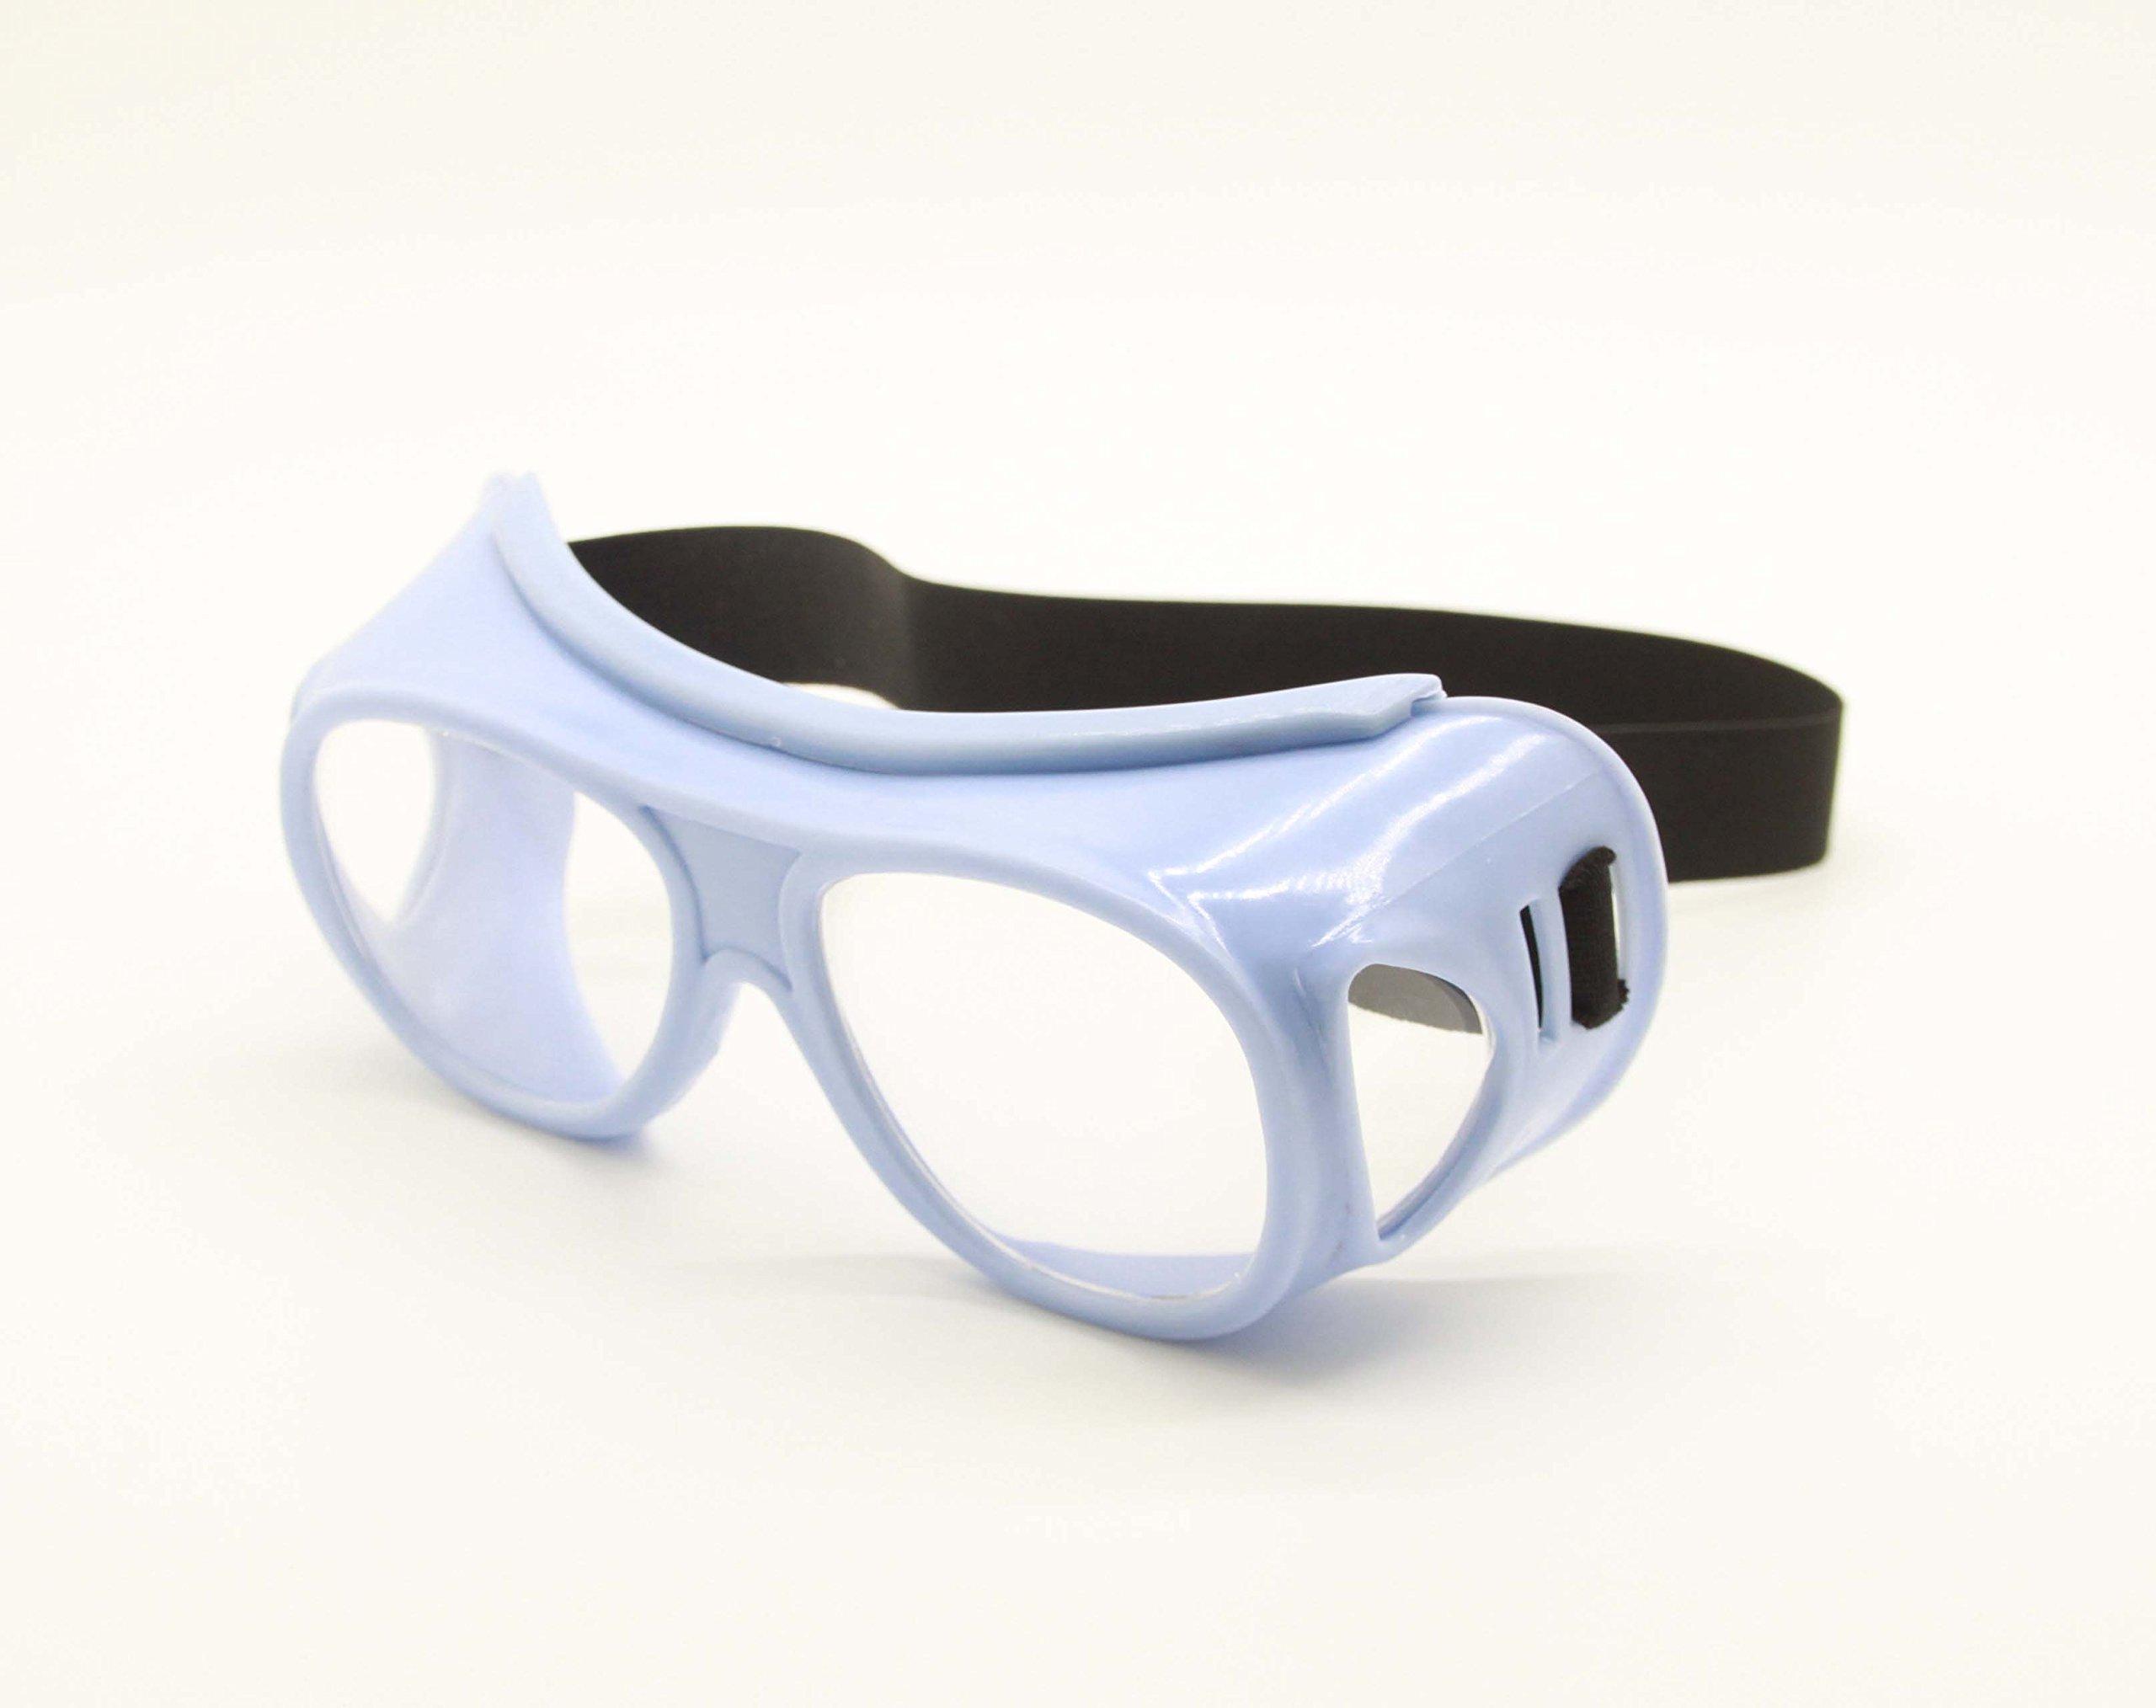 FixtureDisplays Lead Glasses Radiation Protective